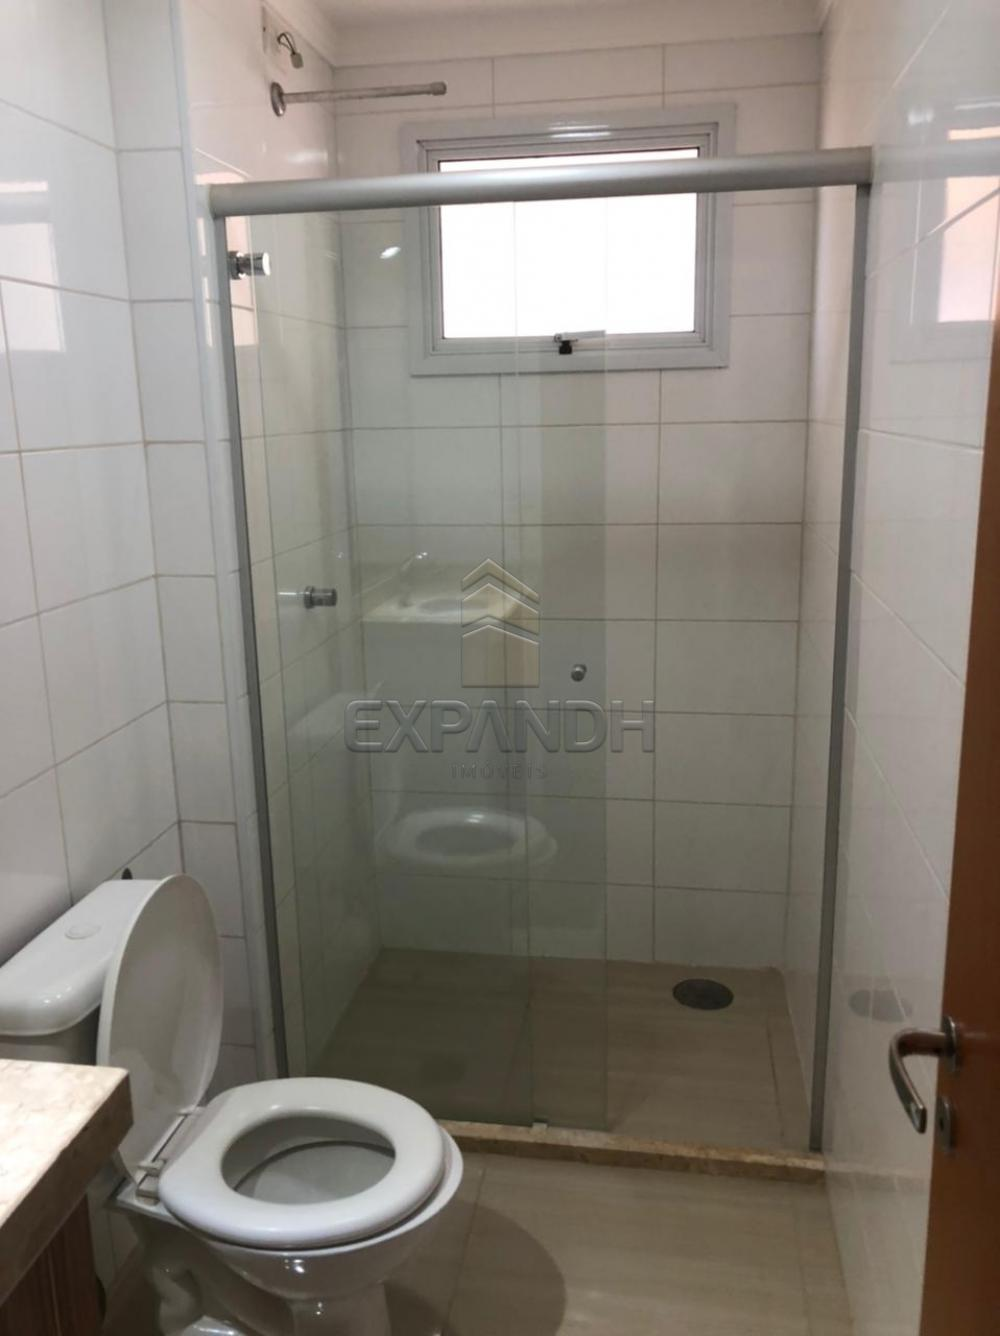 Alugar Apartamentos / Padrão em Sertãozinho apenas R$ 1.250,00 - Foto 11